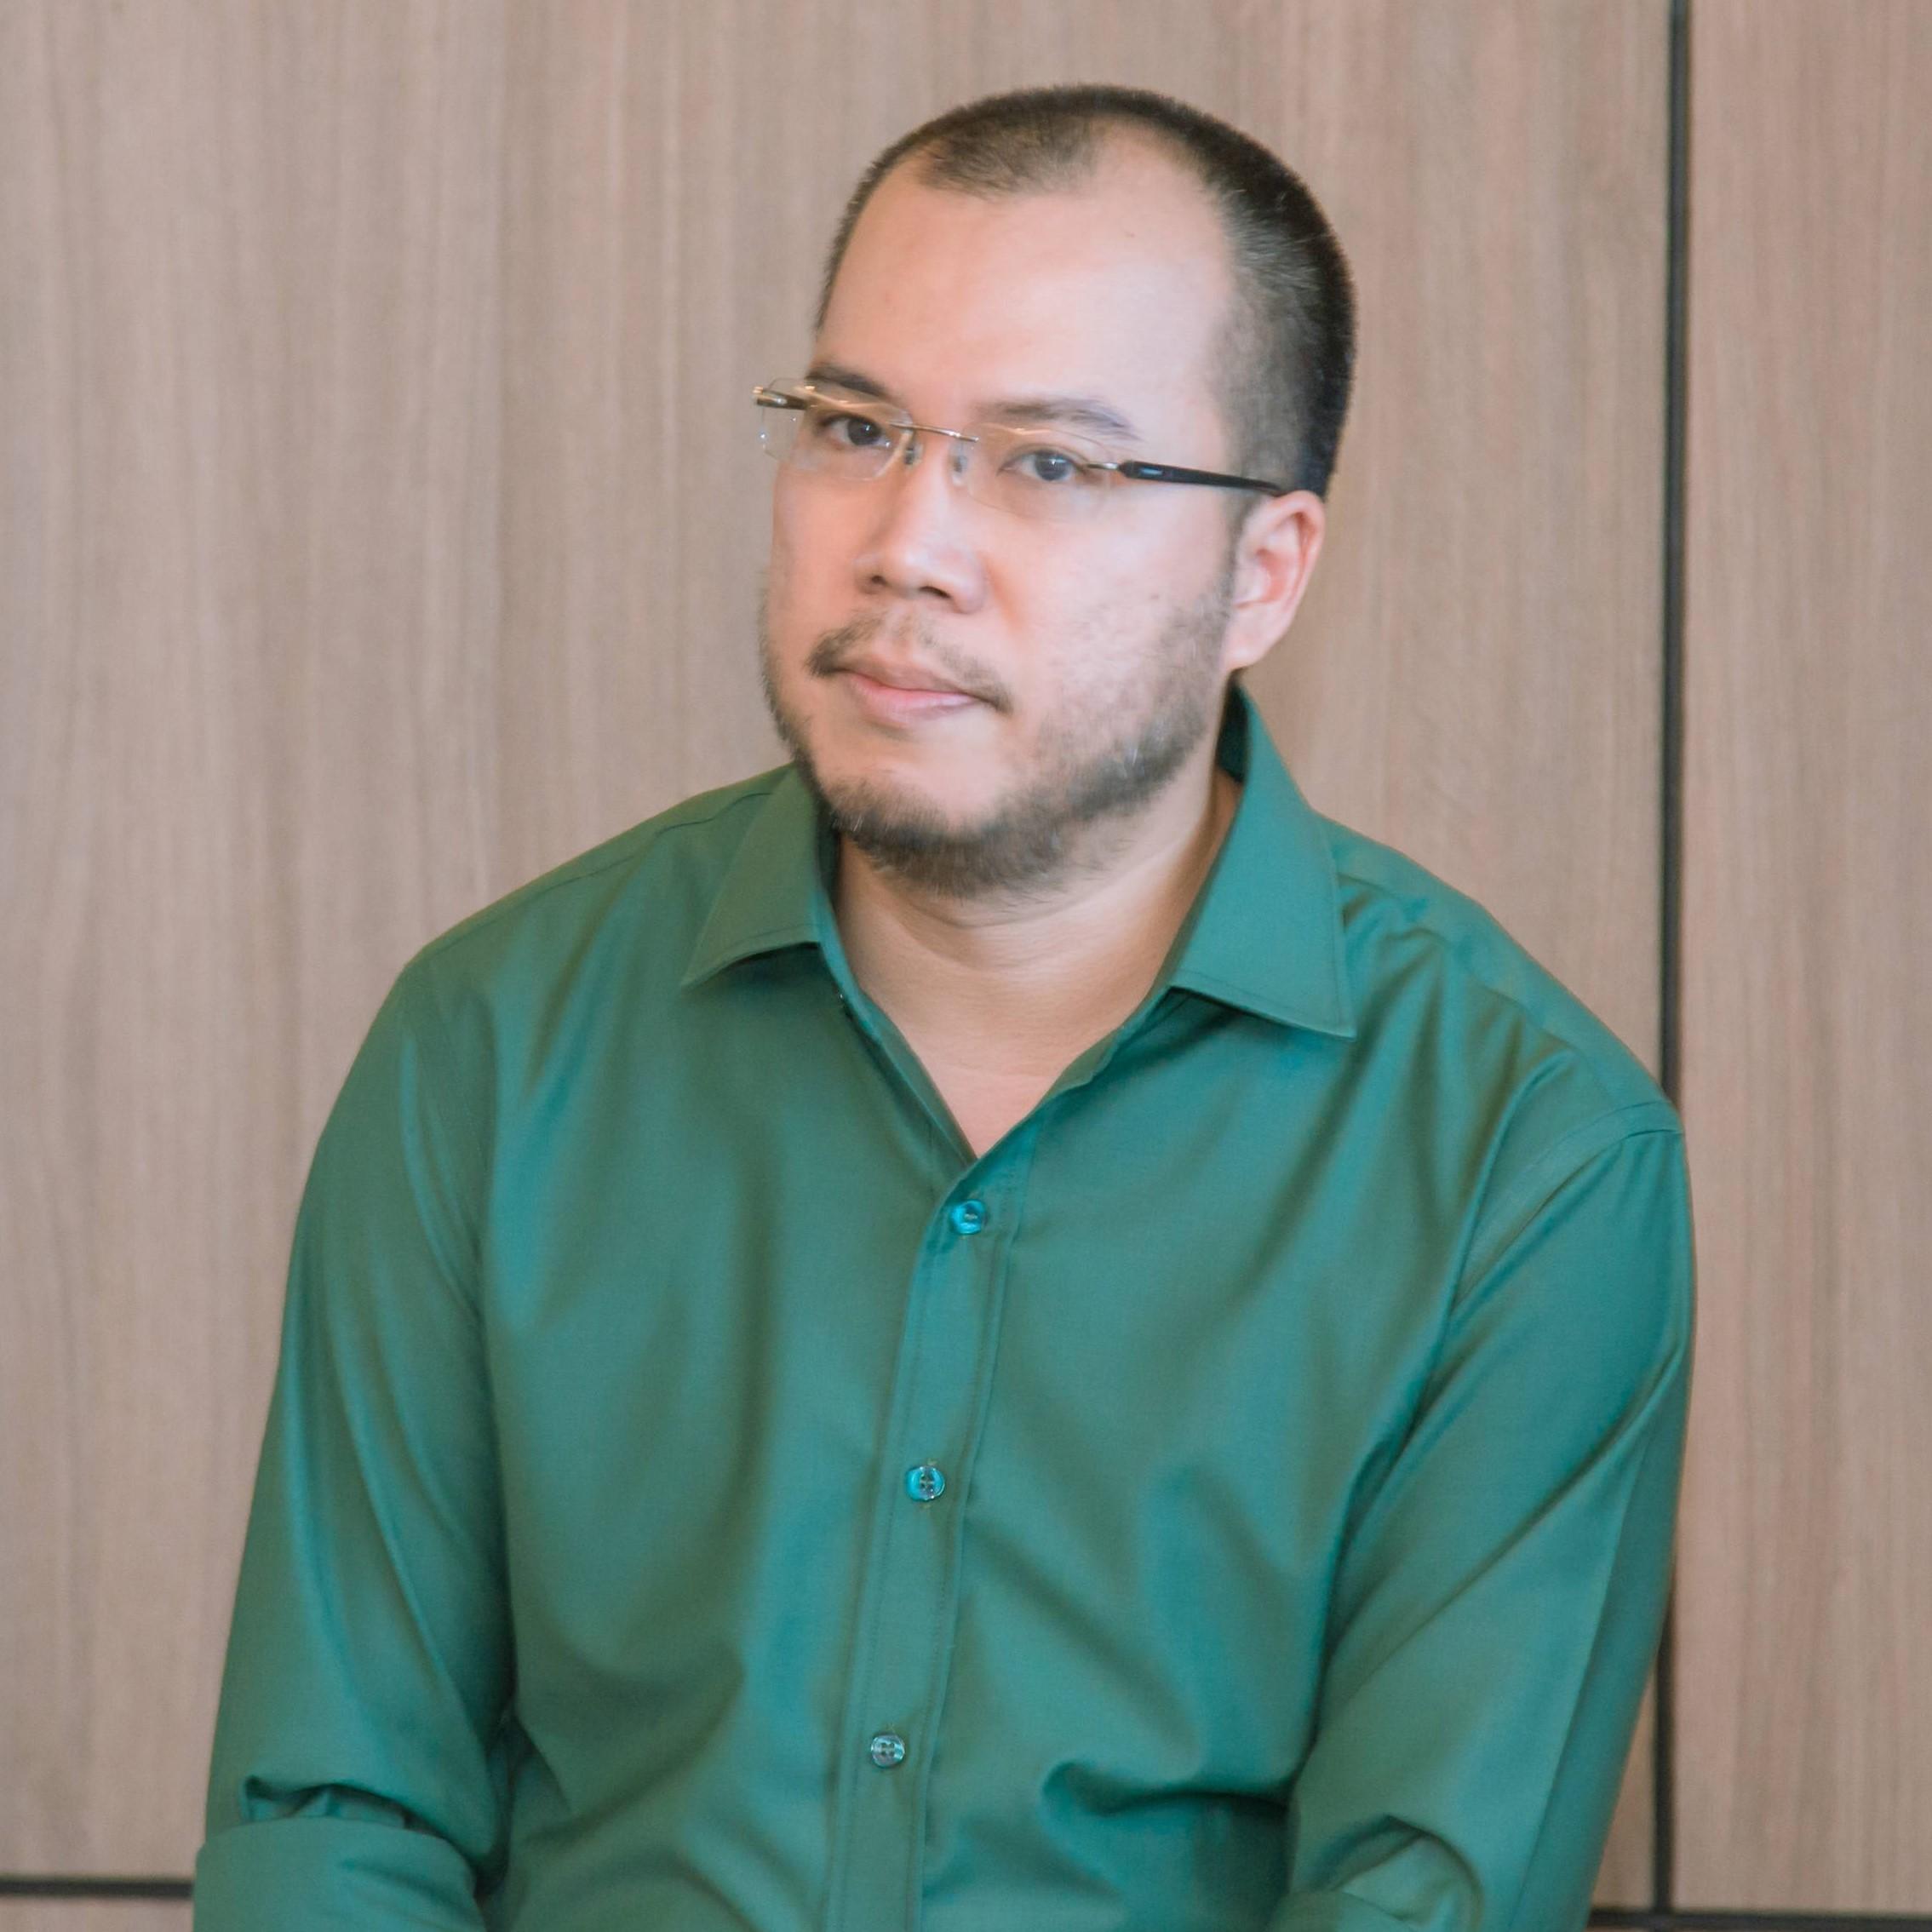 Phan Đình Tuấn Anh